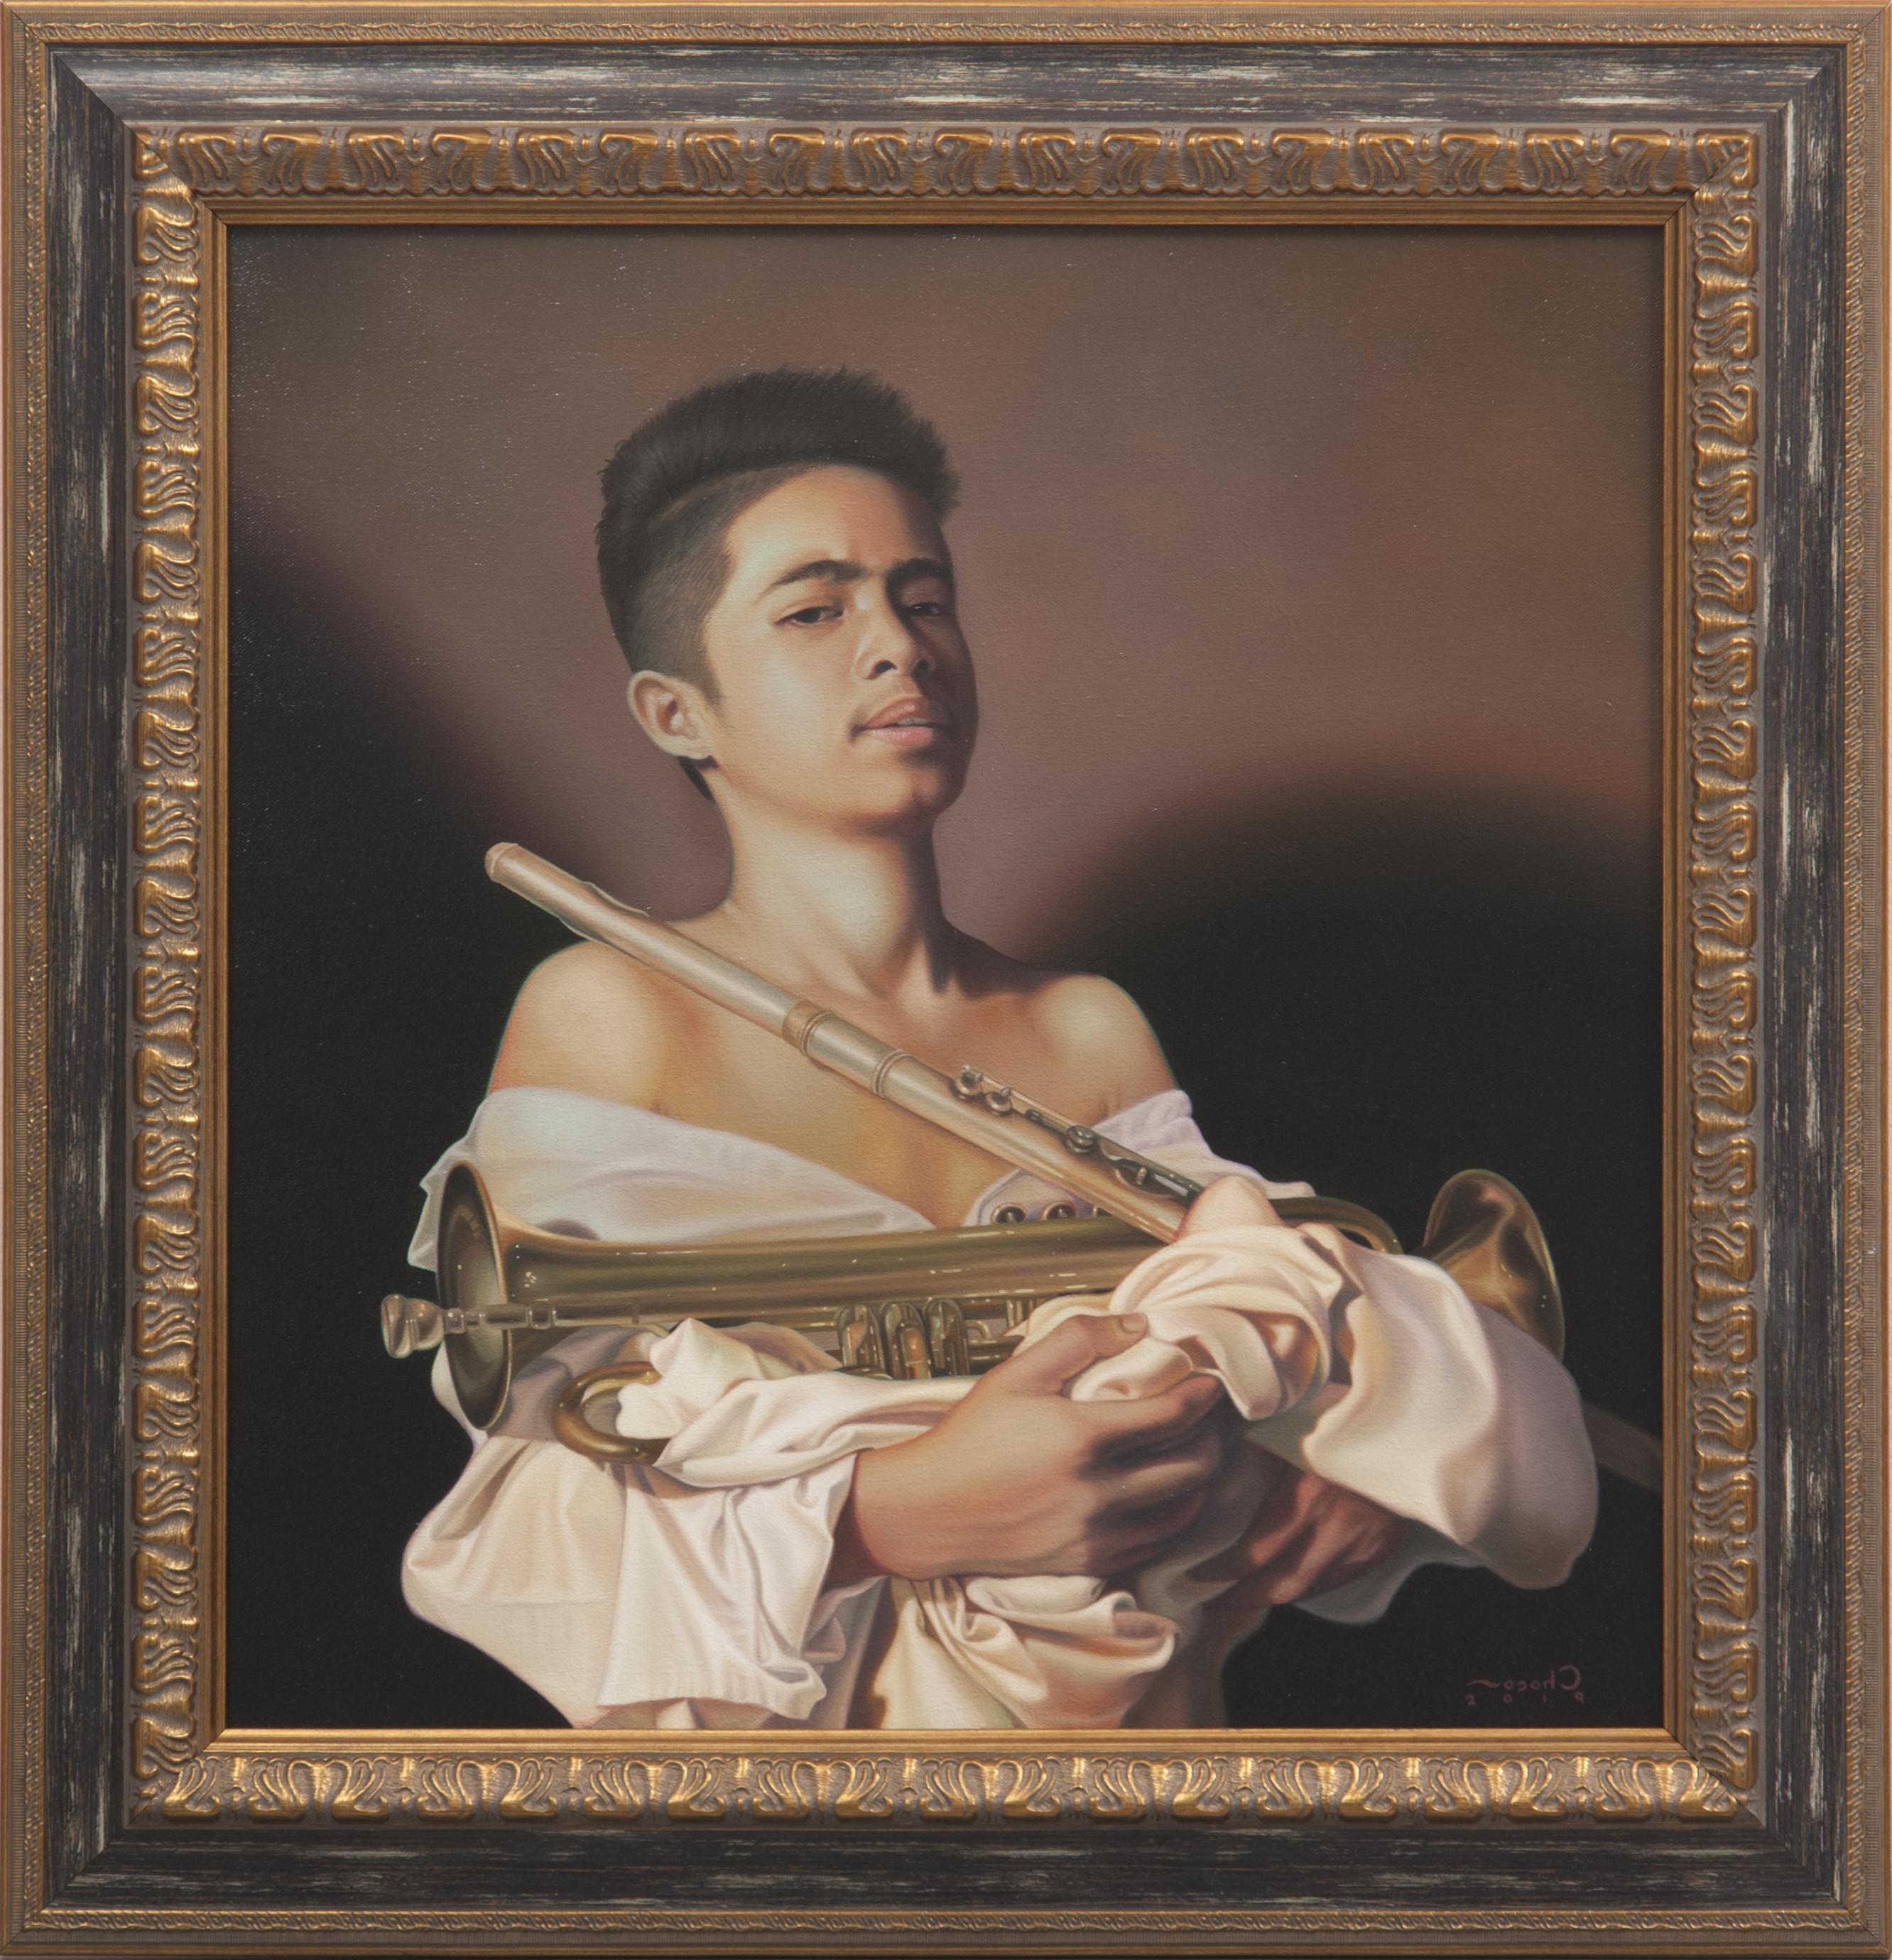 Ragazzo con strumenti musicali (Boy with Musical Instruments)